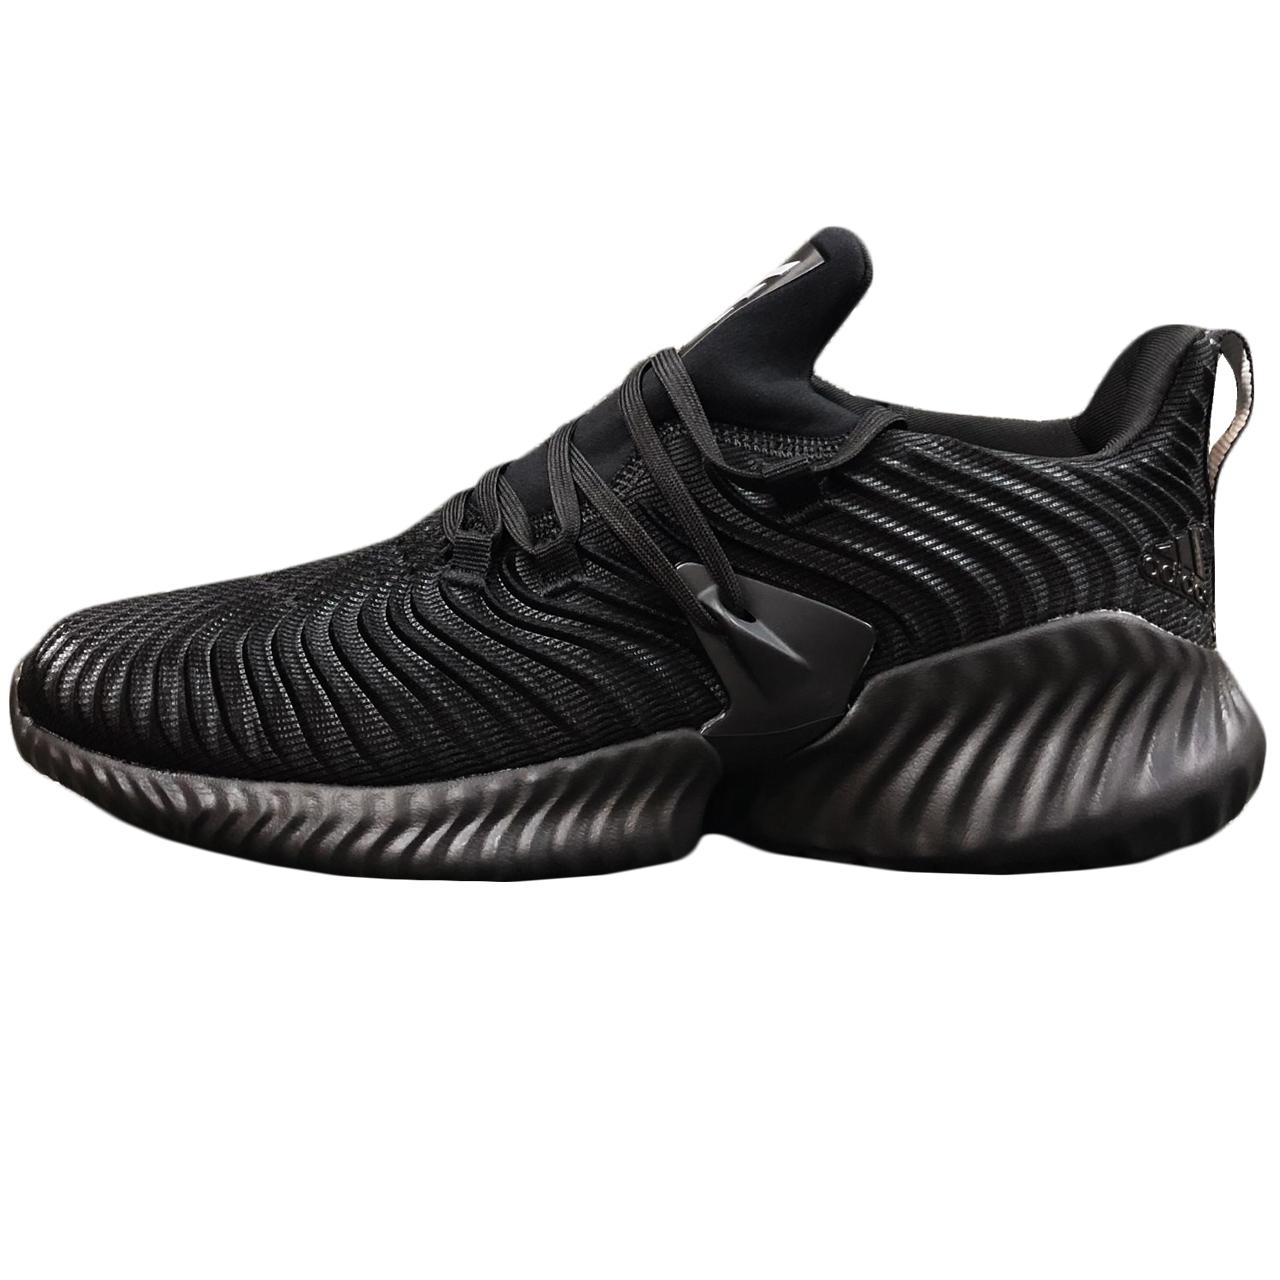 کفش مخصوص دویدن مردانه آدیداس مدل Alphabounce instinct کد T75670V